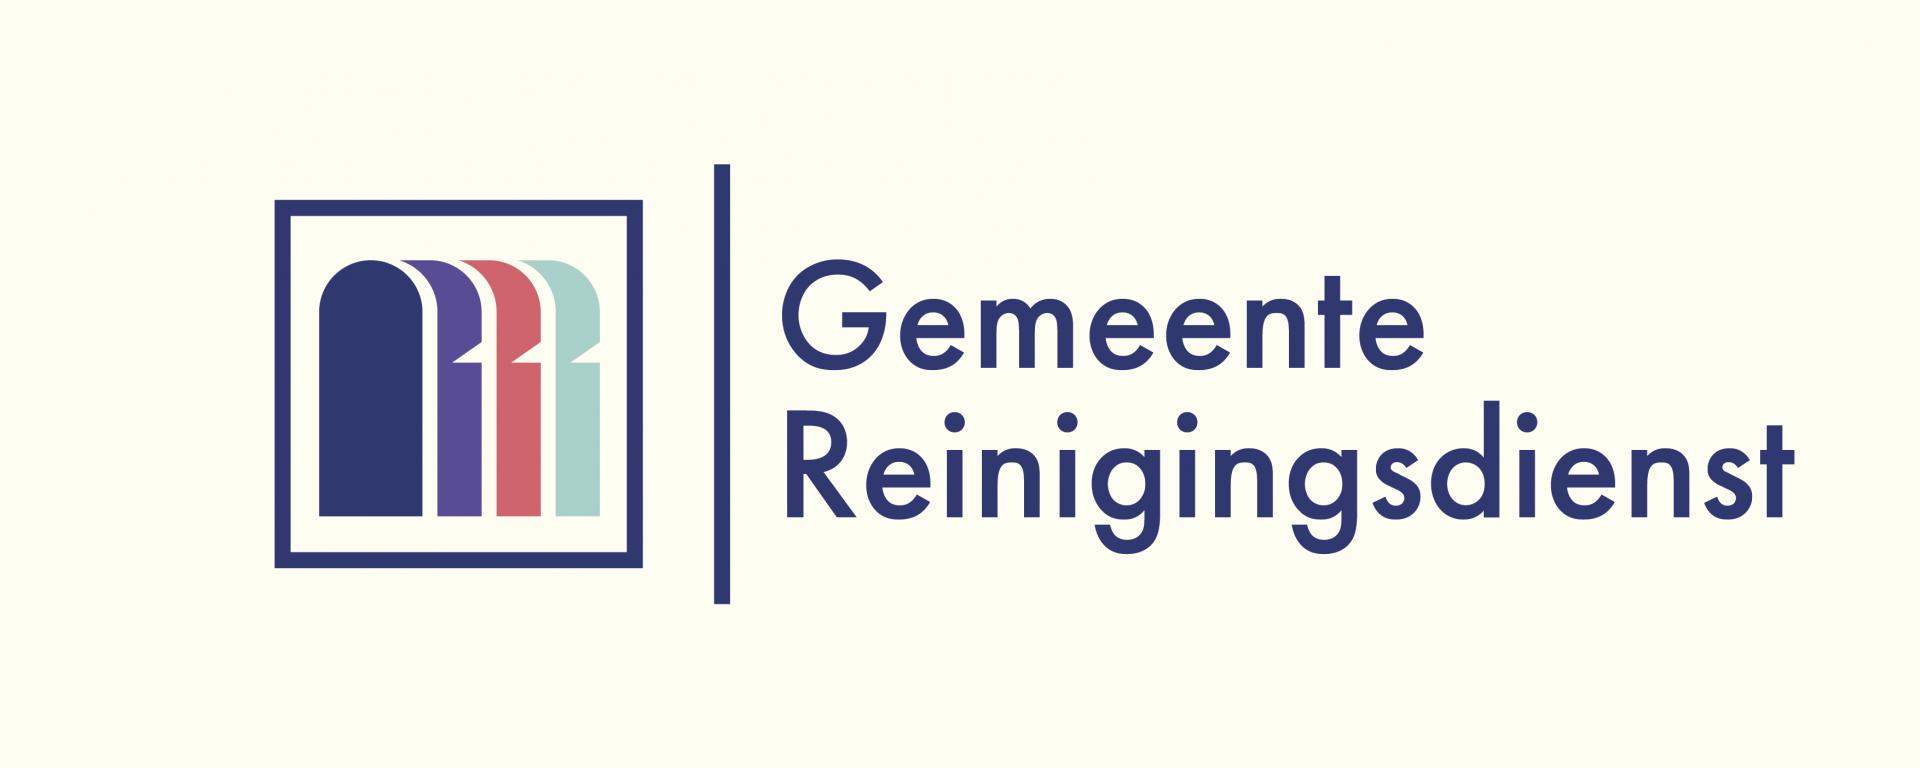 Reinigingsdienst 02 - logo color